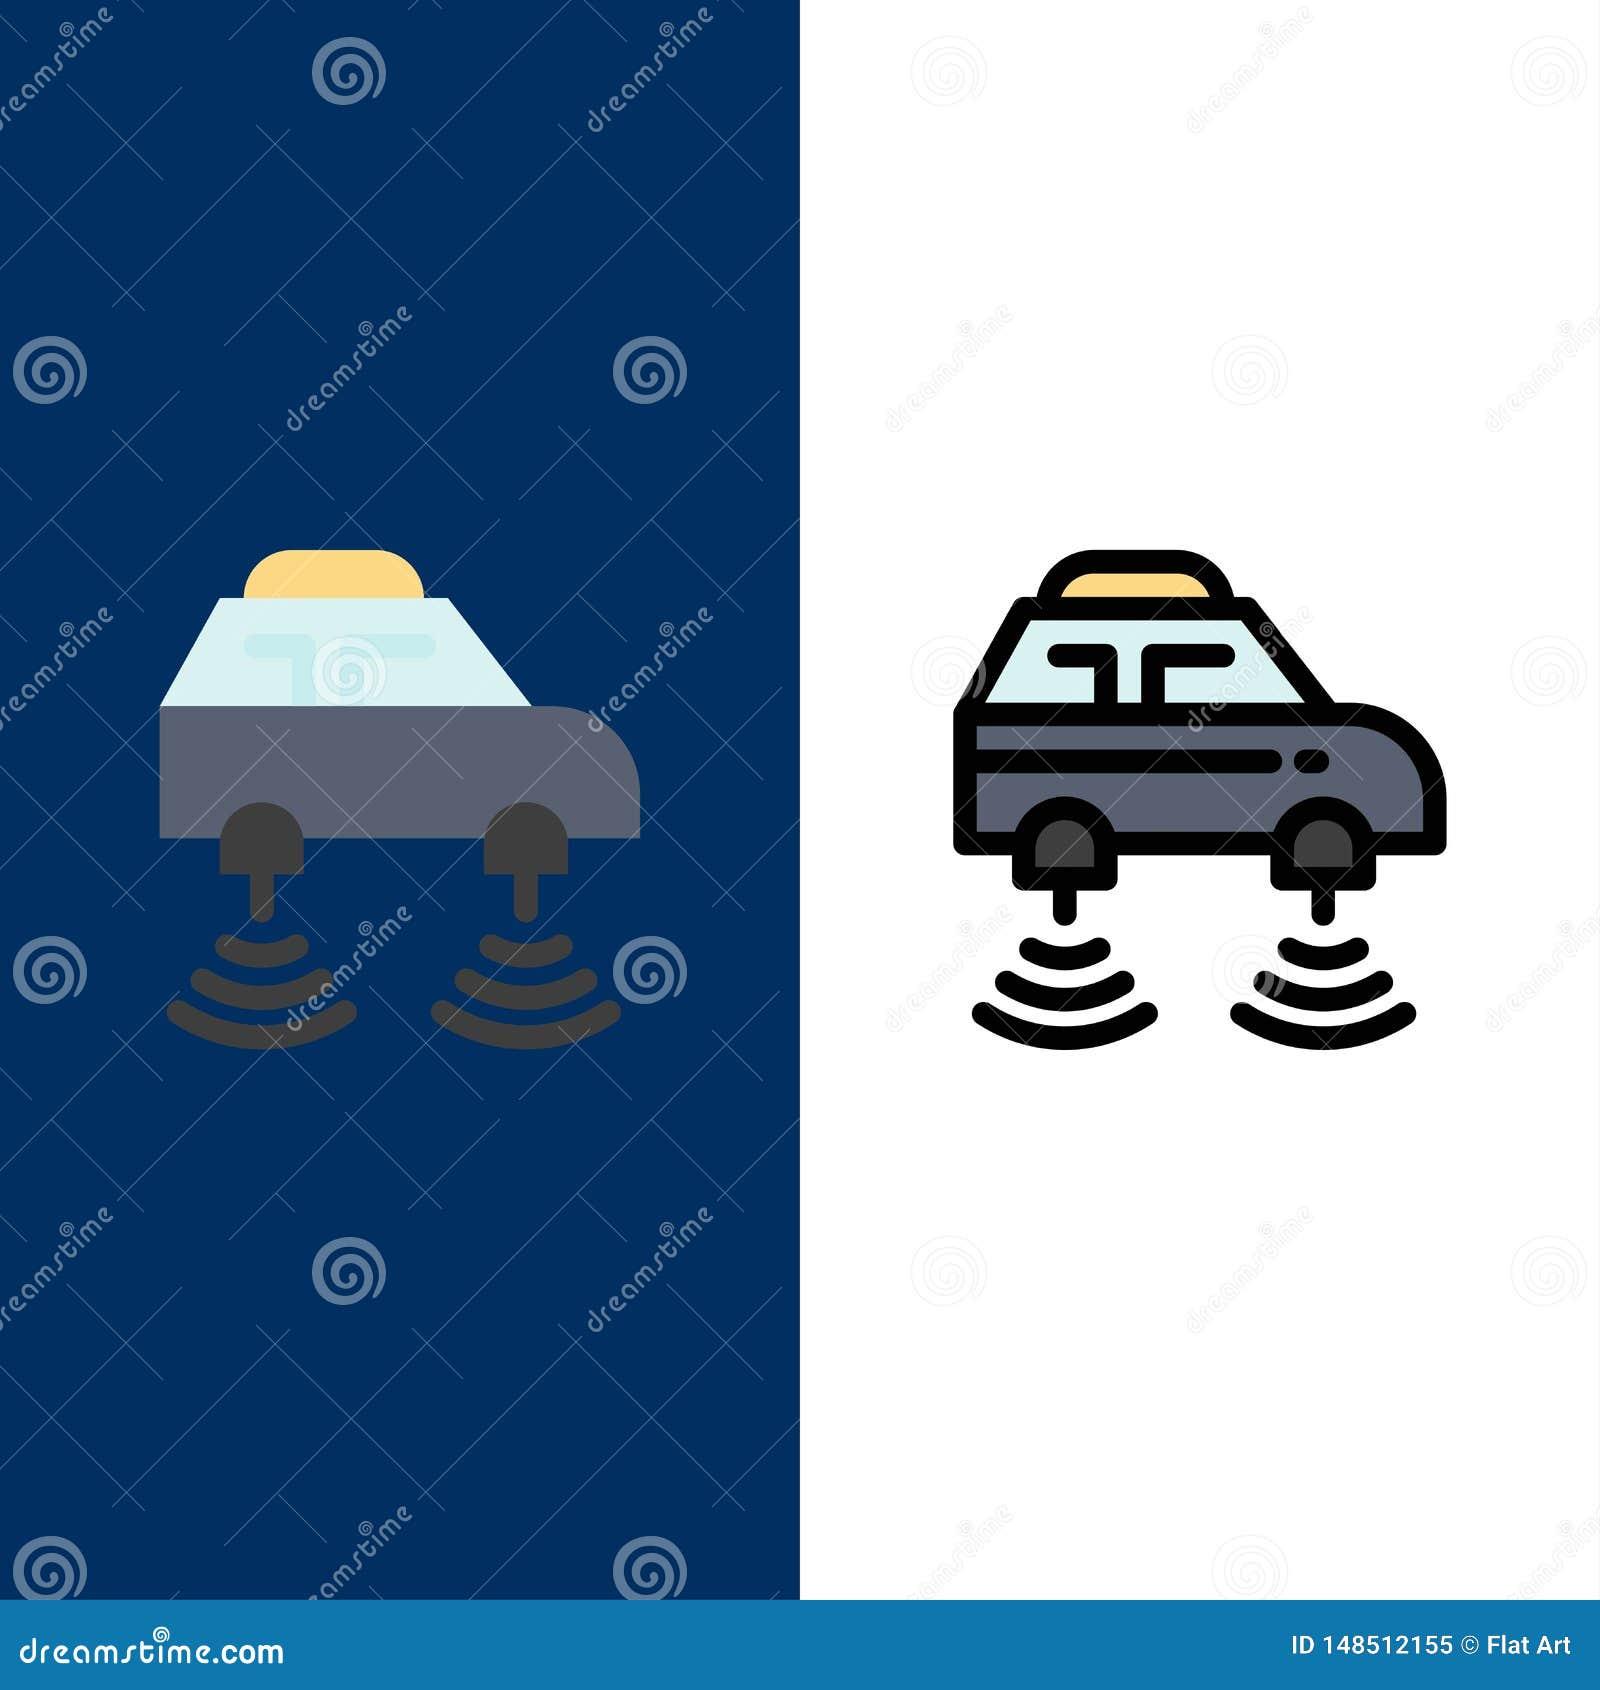 Auto, elektrisch, Netz, Smart, wifi Ikonen Ebene und Linie gefüllte Ikone stellten Vektor-blauen Hintergrund ein